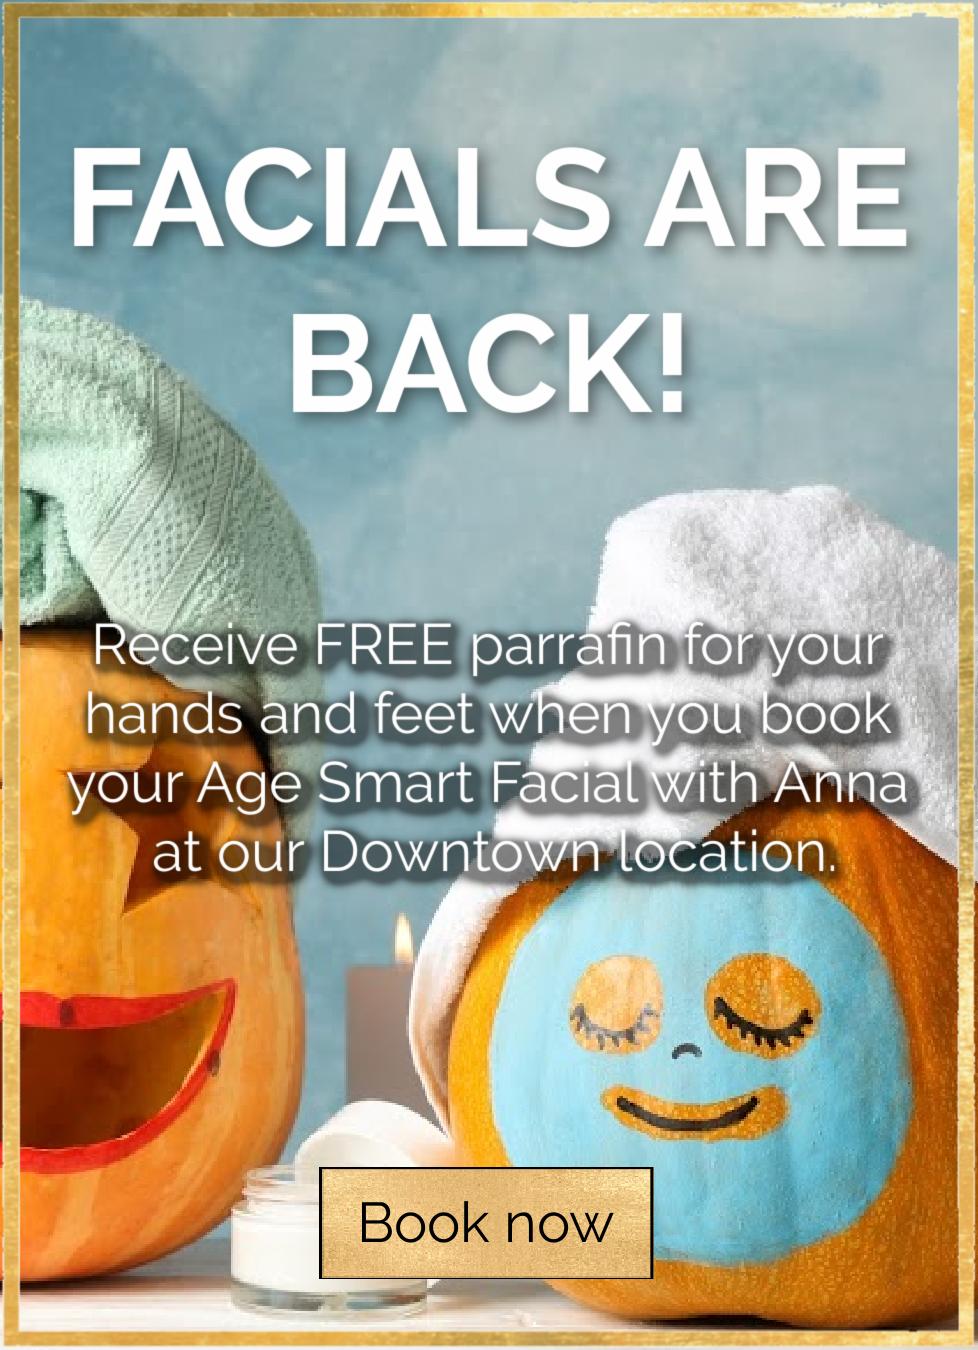 Facials are back